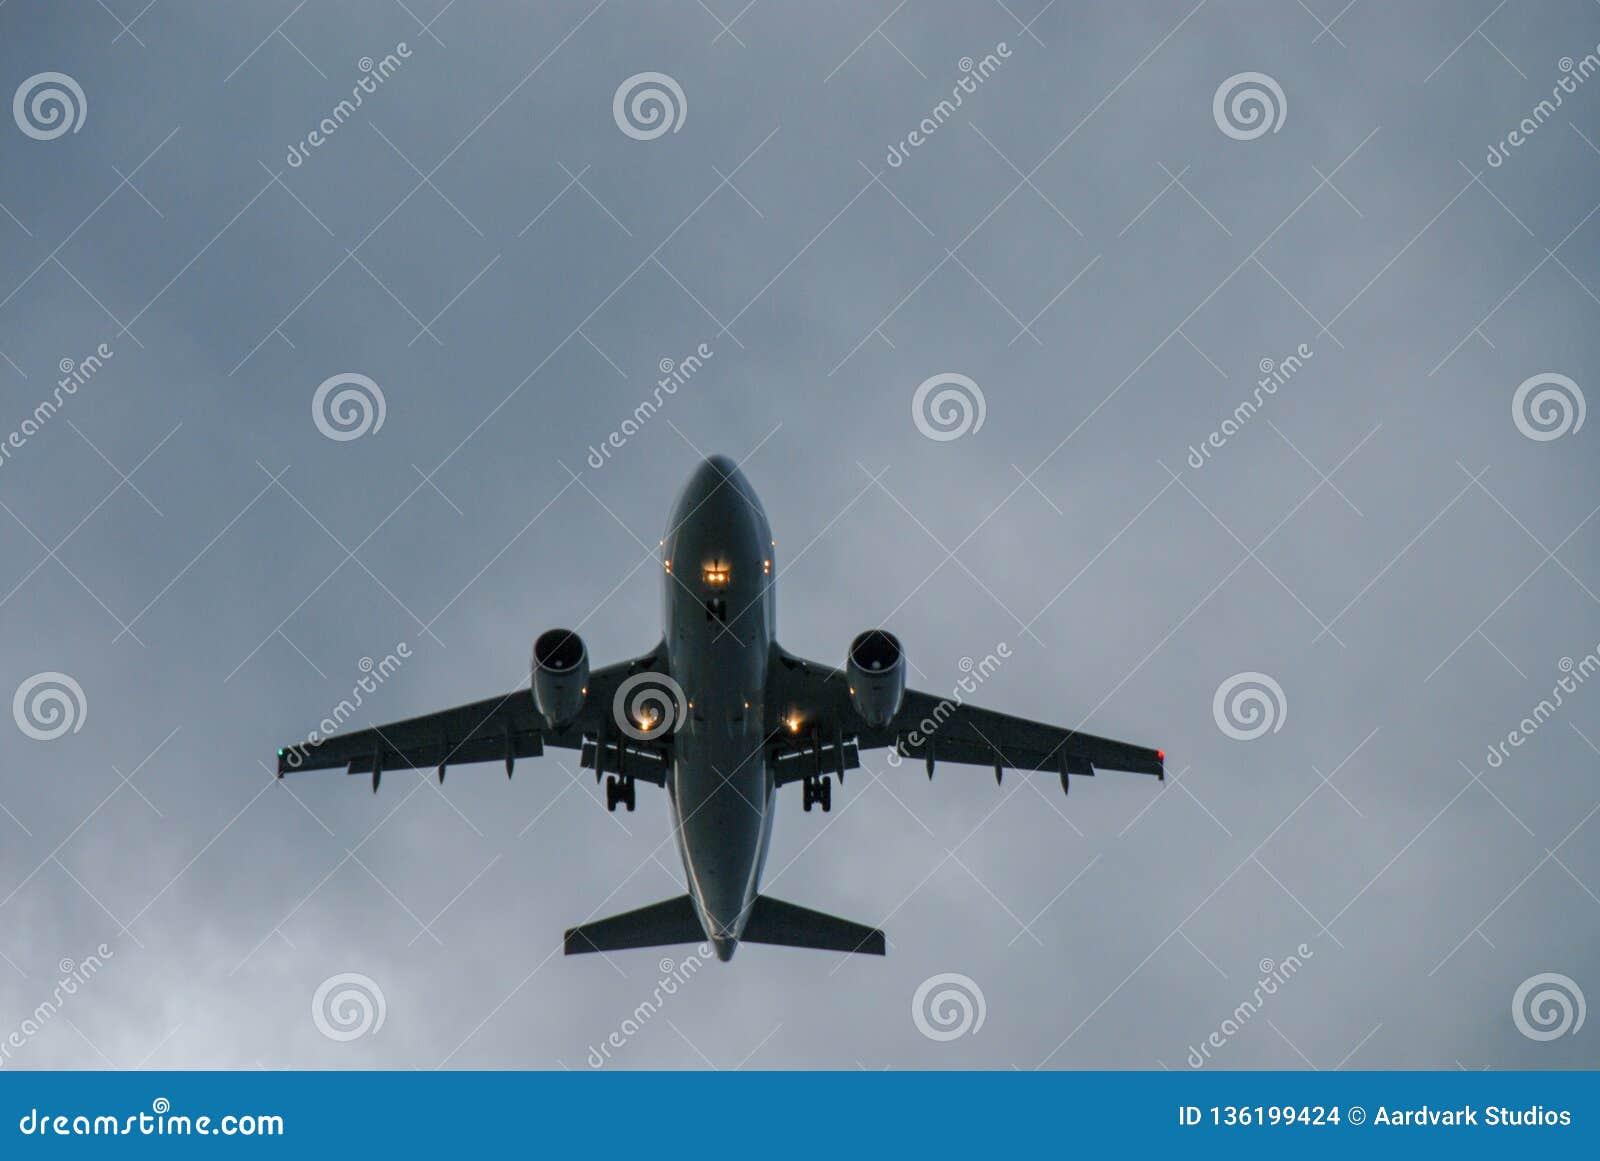 Comercialvliegtuig die in de avond opstijgen